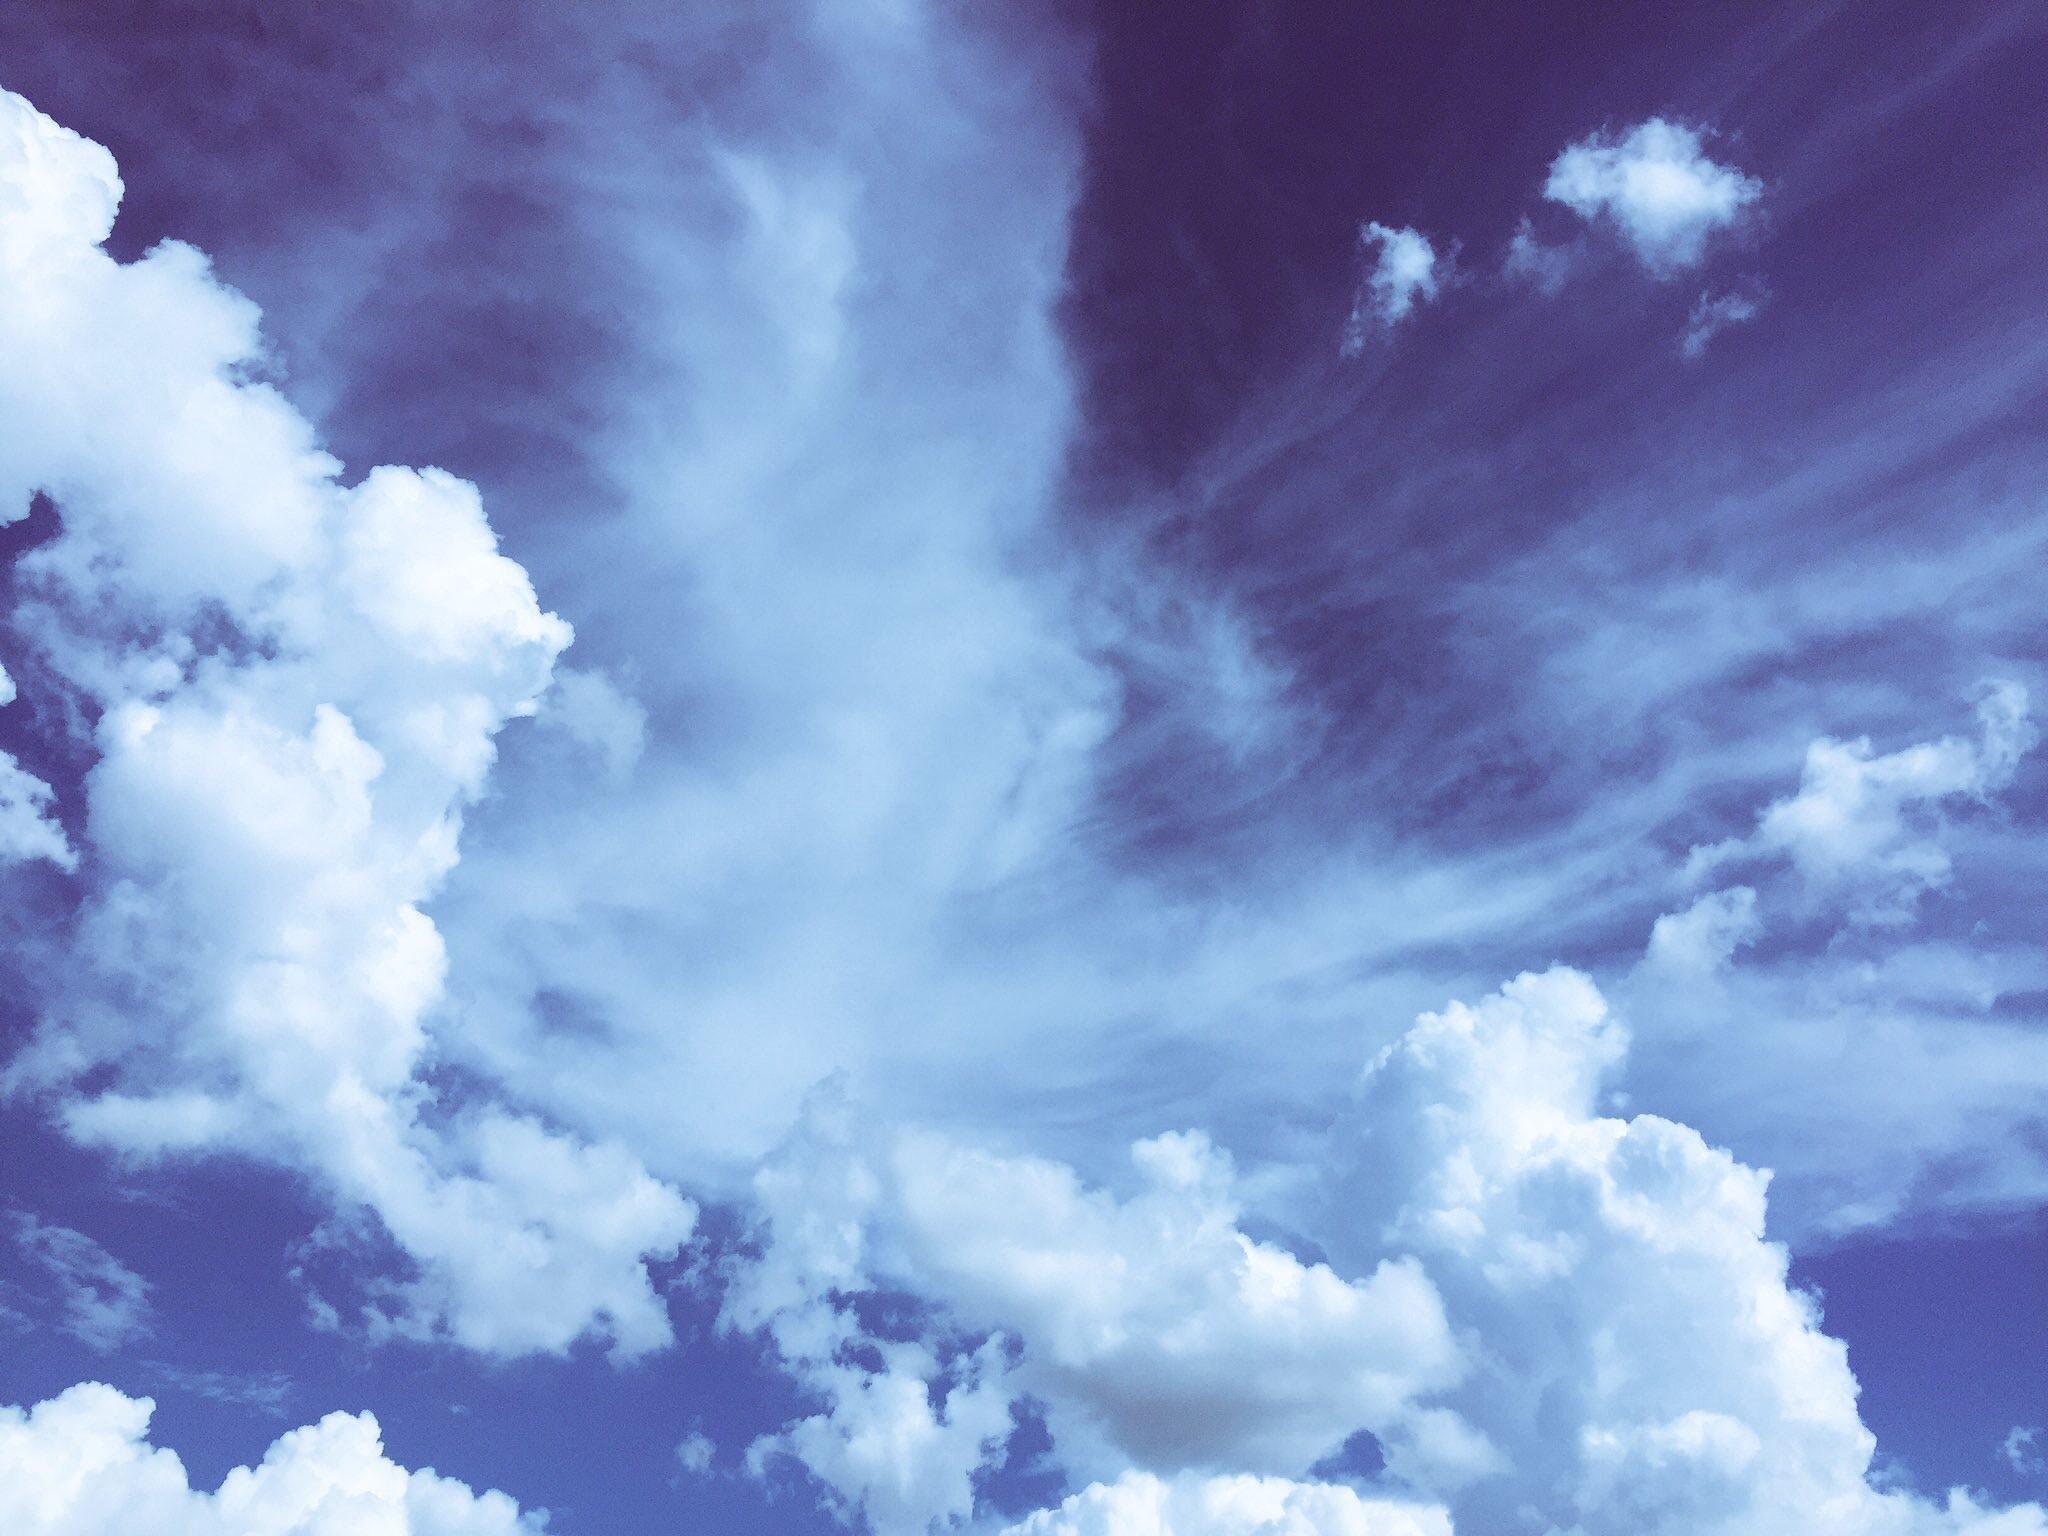 Clouds; stephanie-klepacki-222873-unsplash.jpg